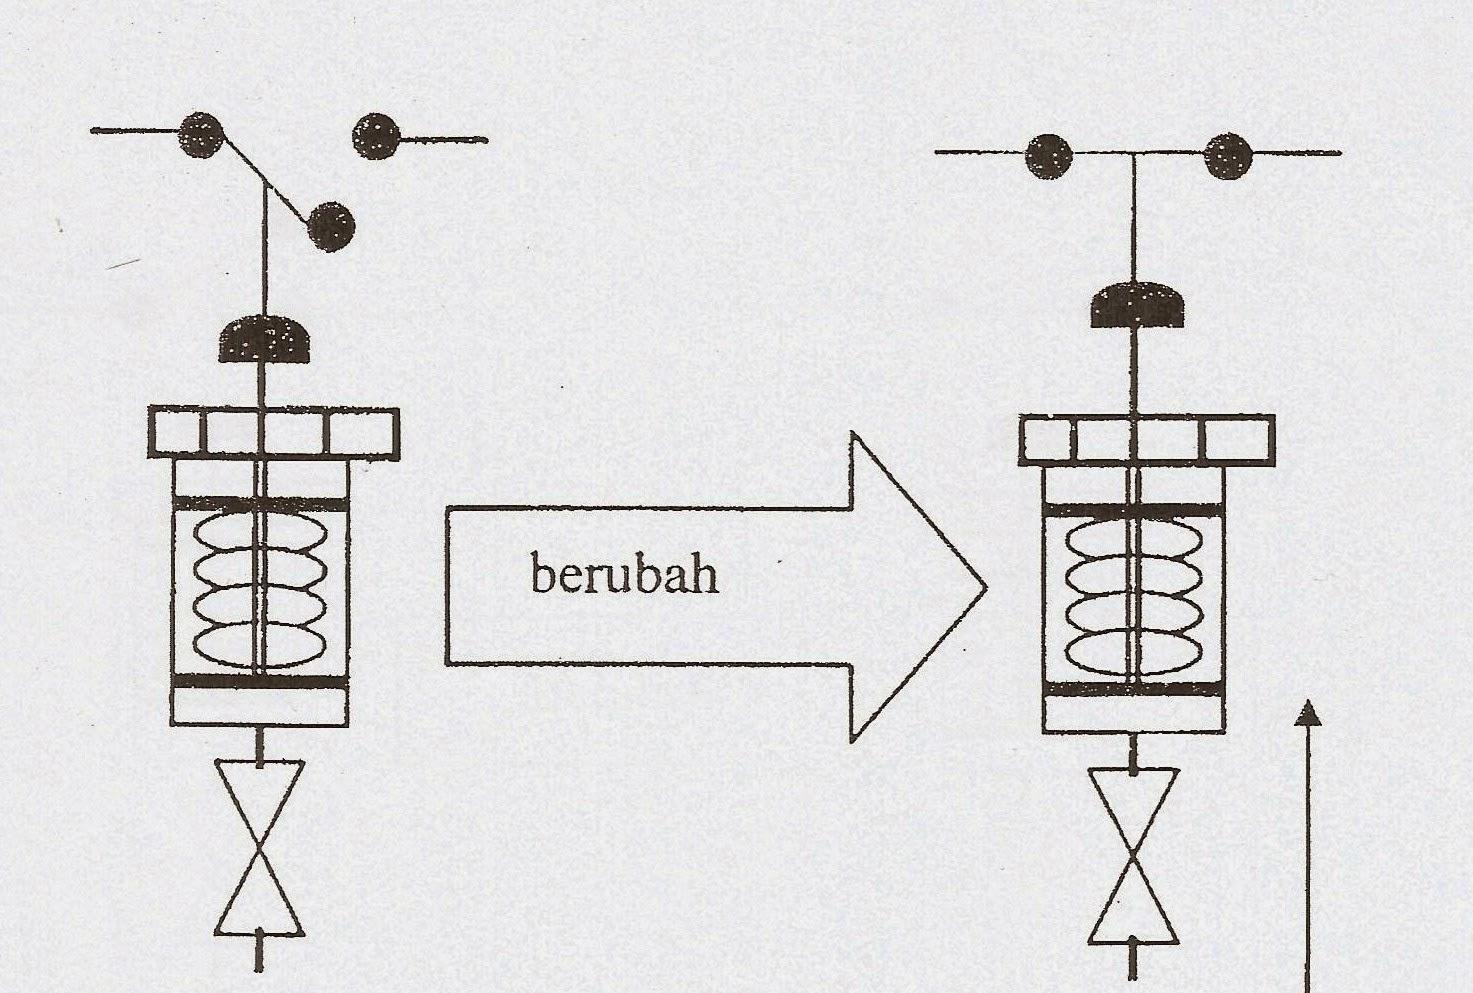 Mengenal Prinsip Kerja Pressure Switch pada Separator